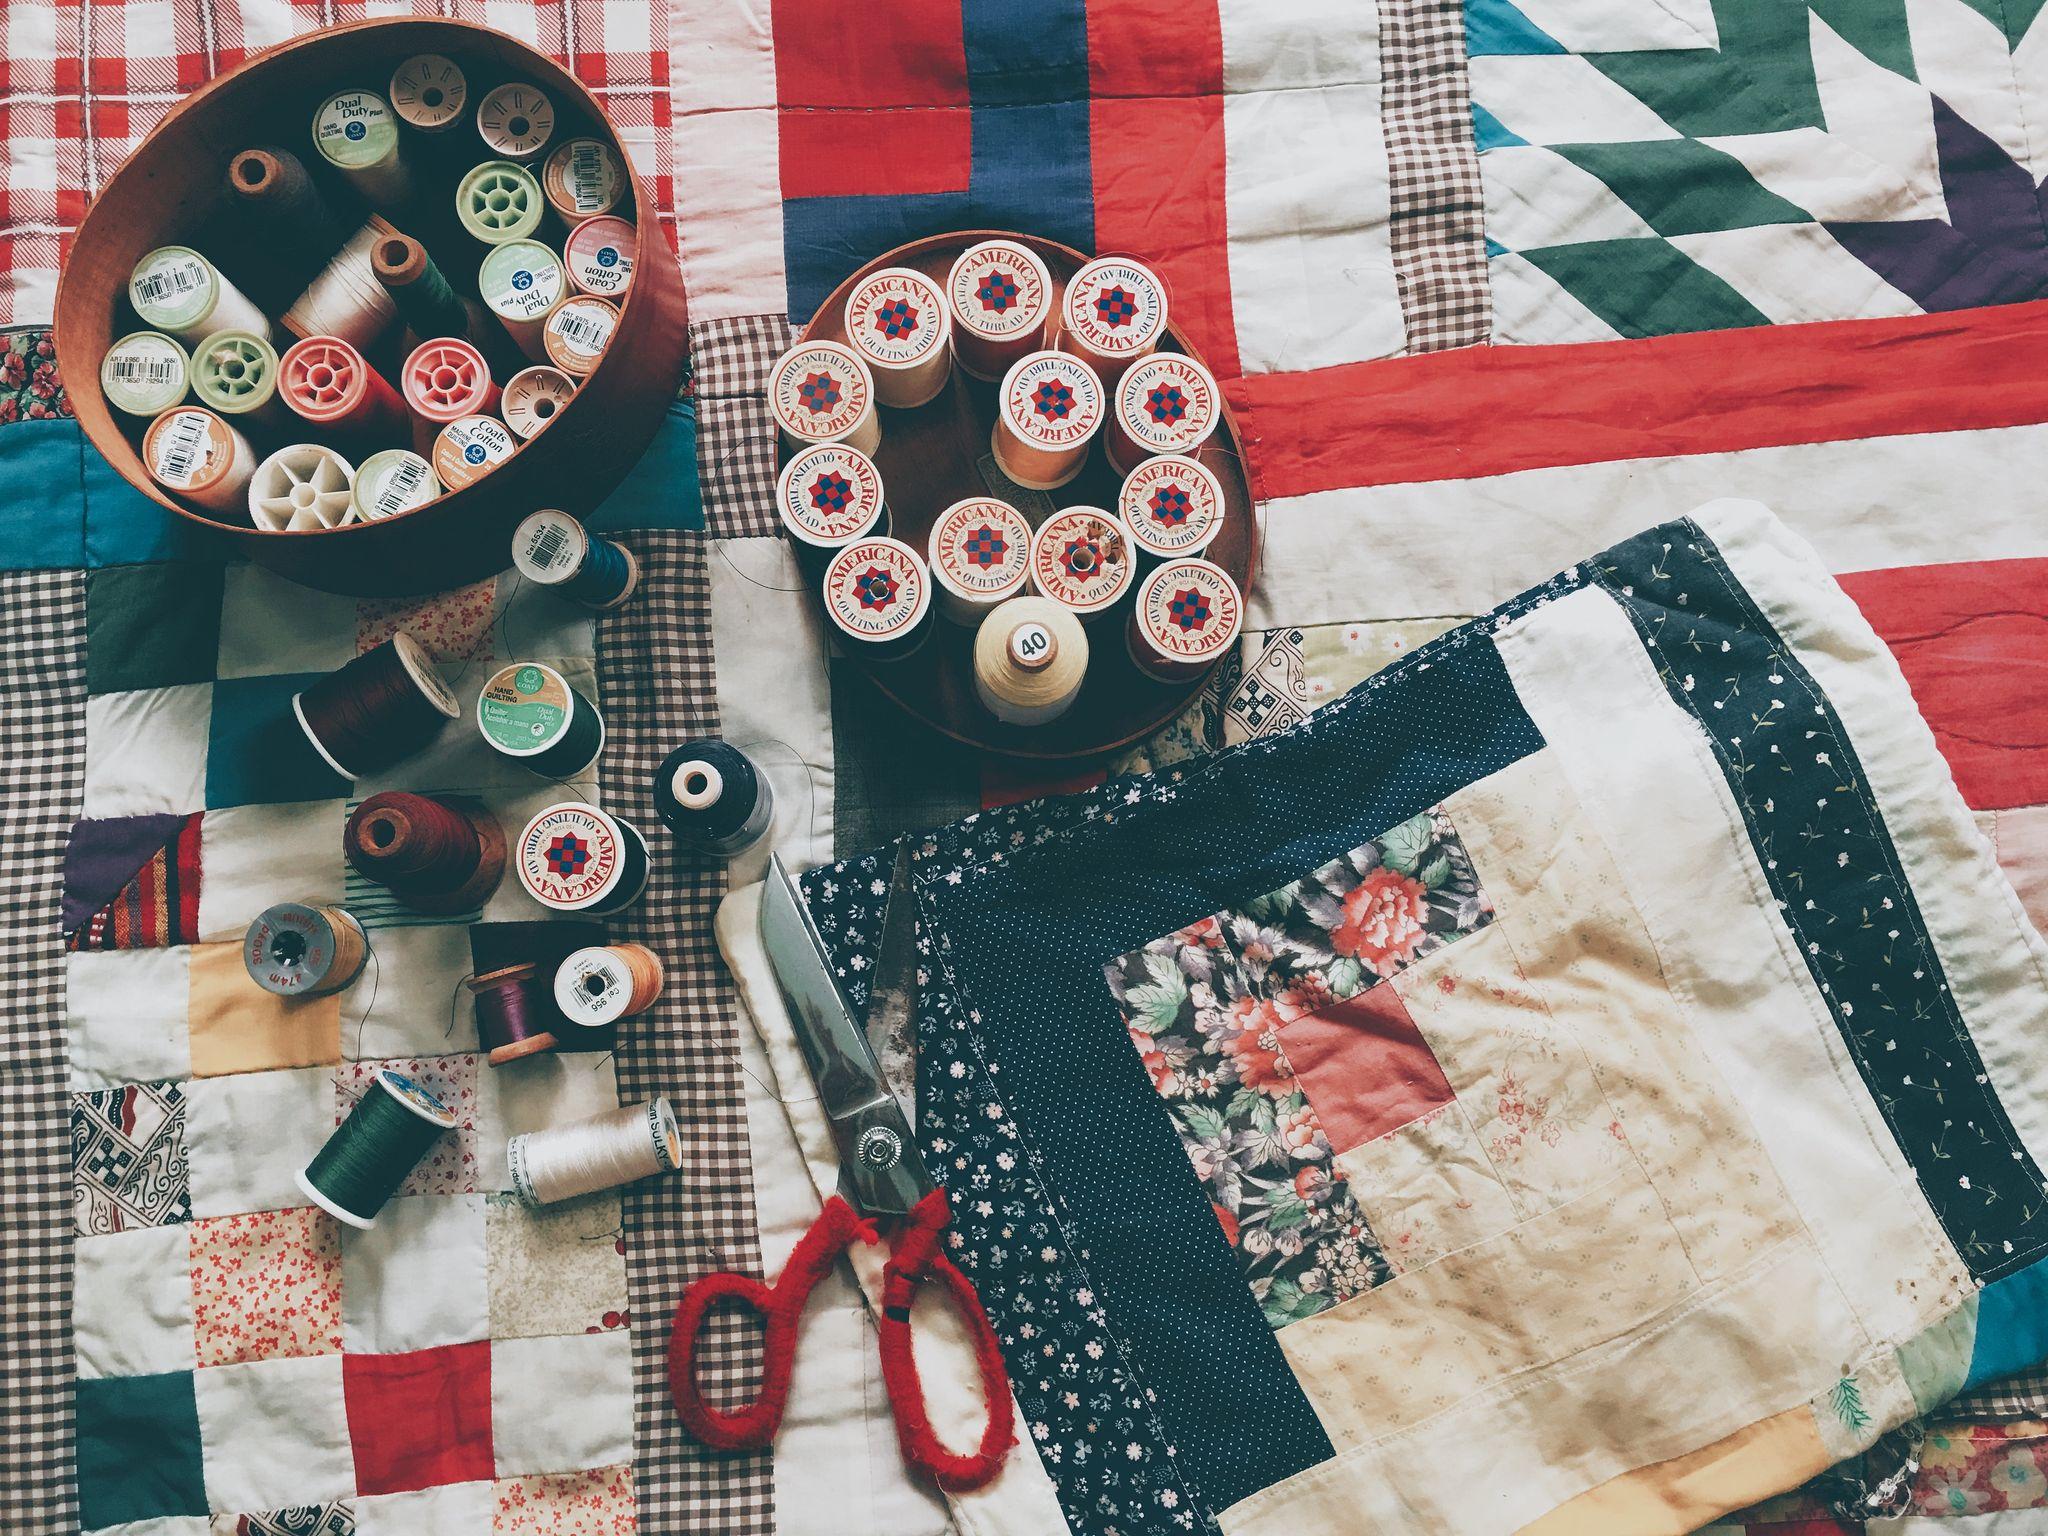 Zdjęcie nici, nożyczek i materiałów do szycia.